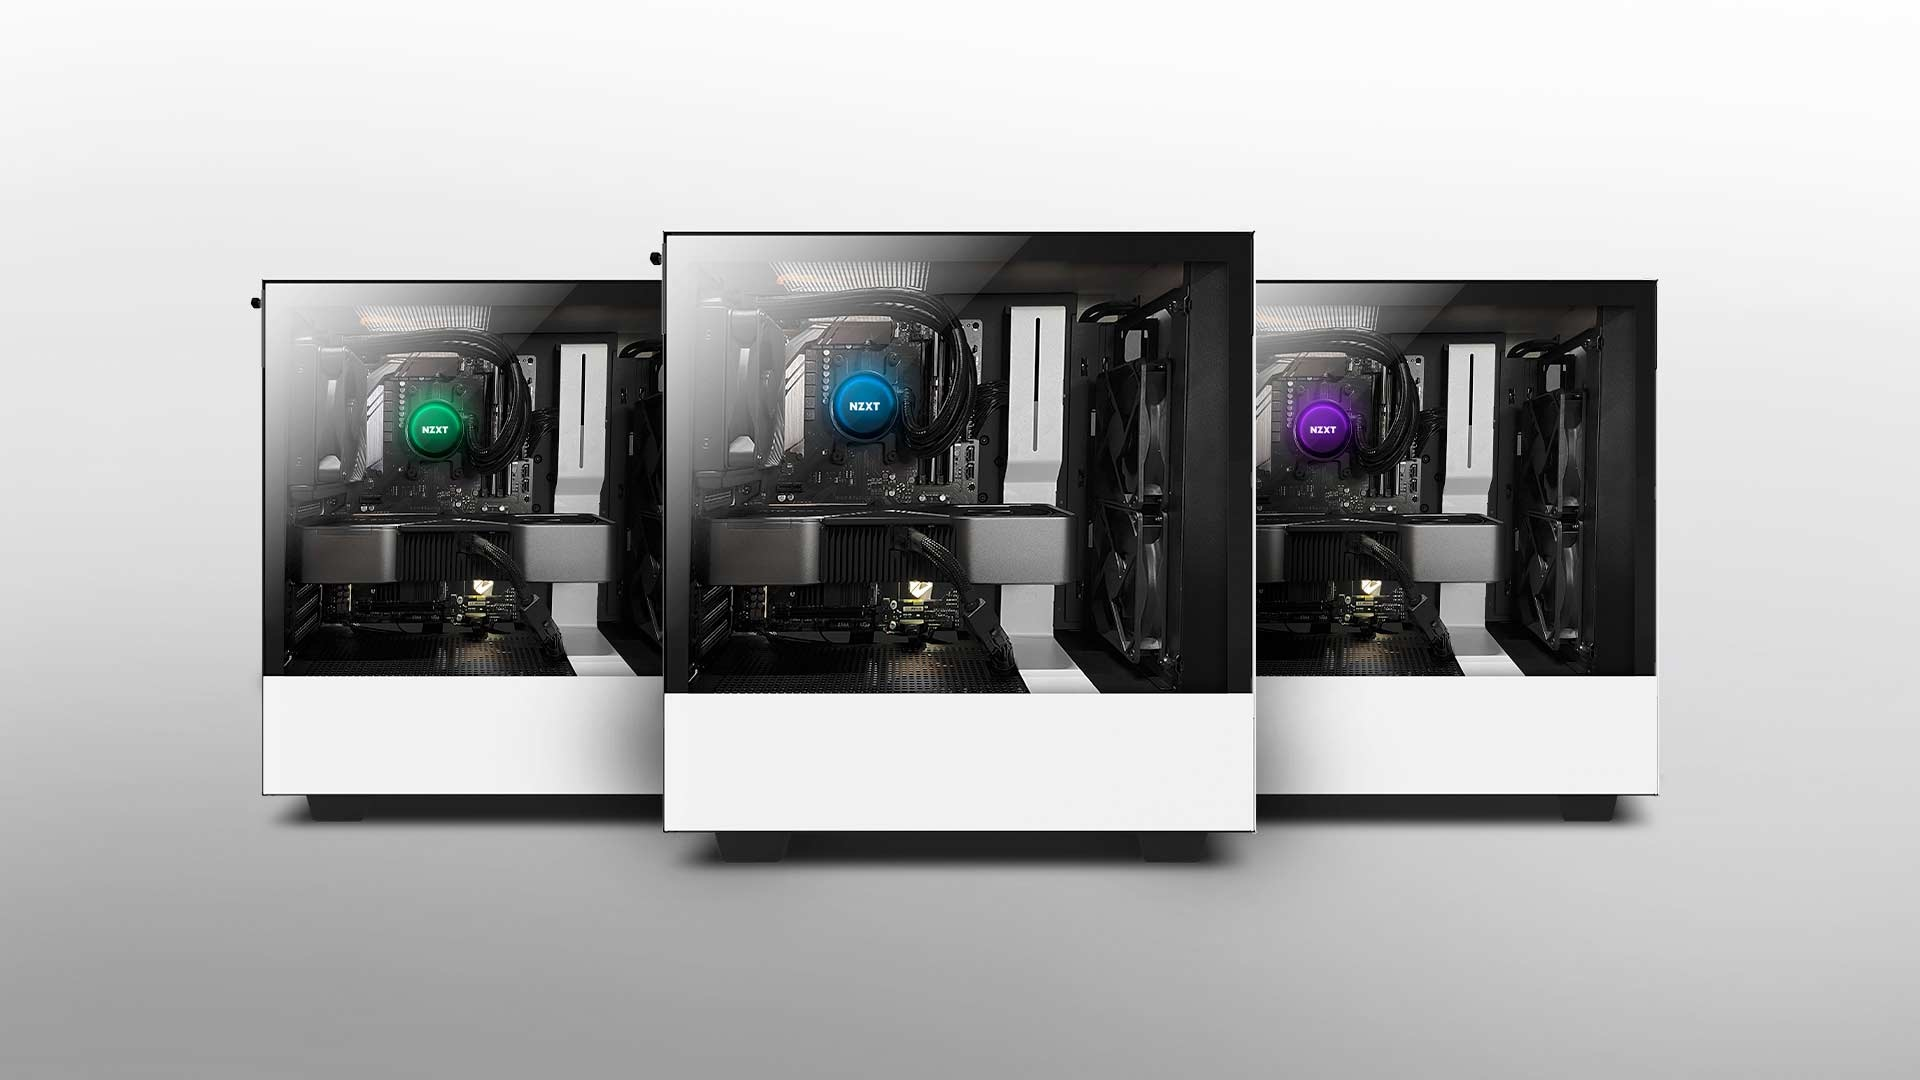 Jetzt im NZXT Online-Shop: Die perfekten Streaming-PCs für jeden Bedarf